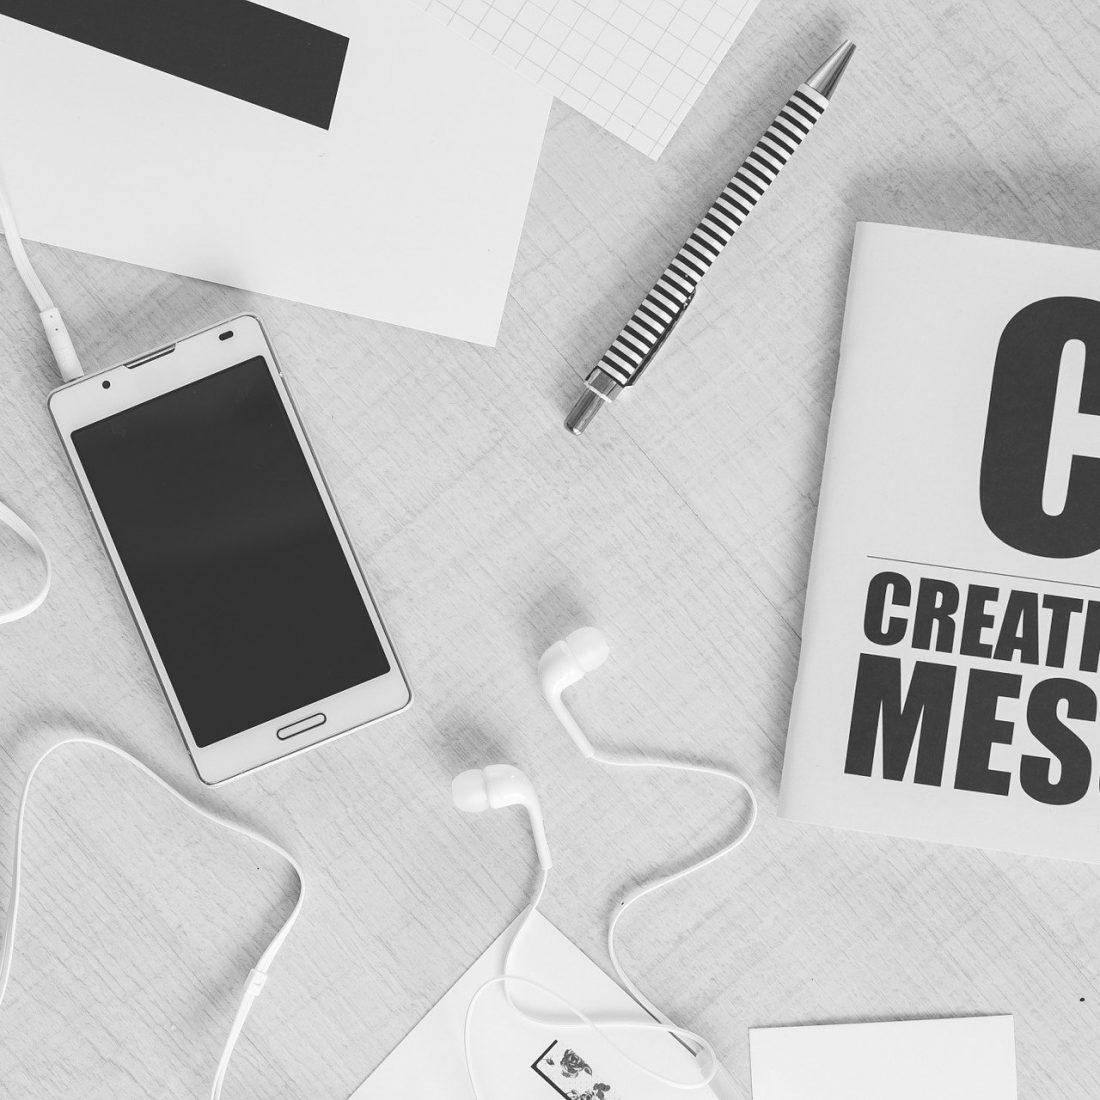 salty-works-content-creatie-tekstschrijver-social-media-advies